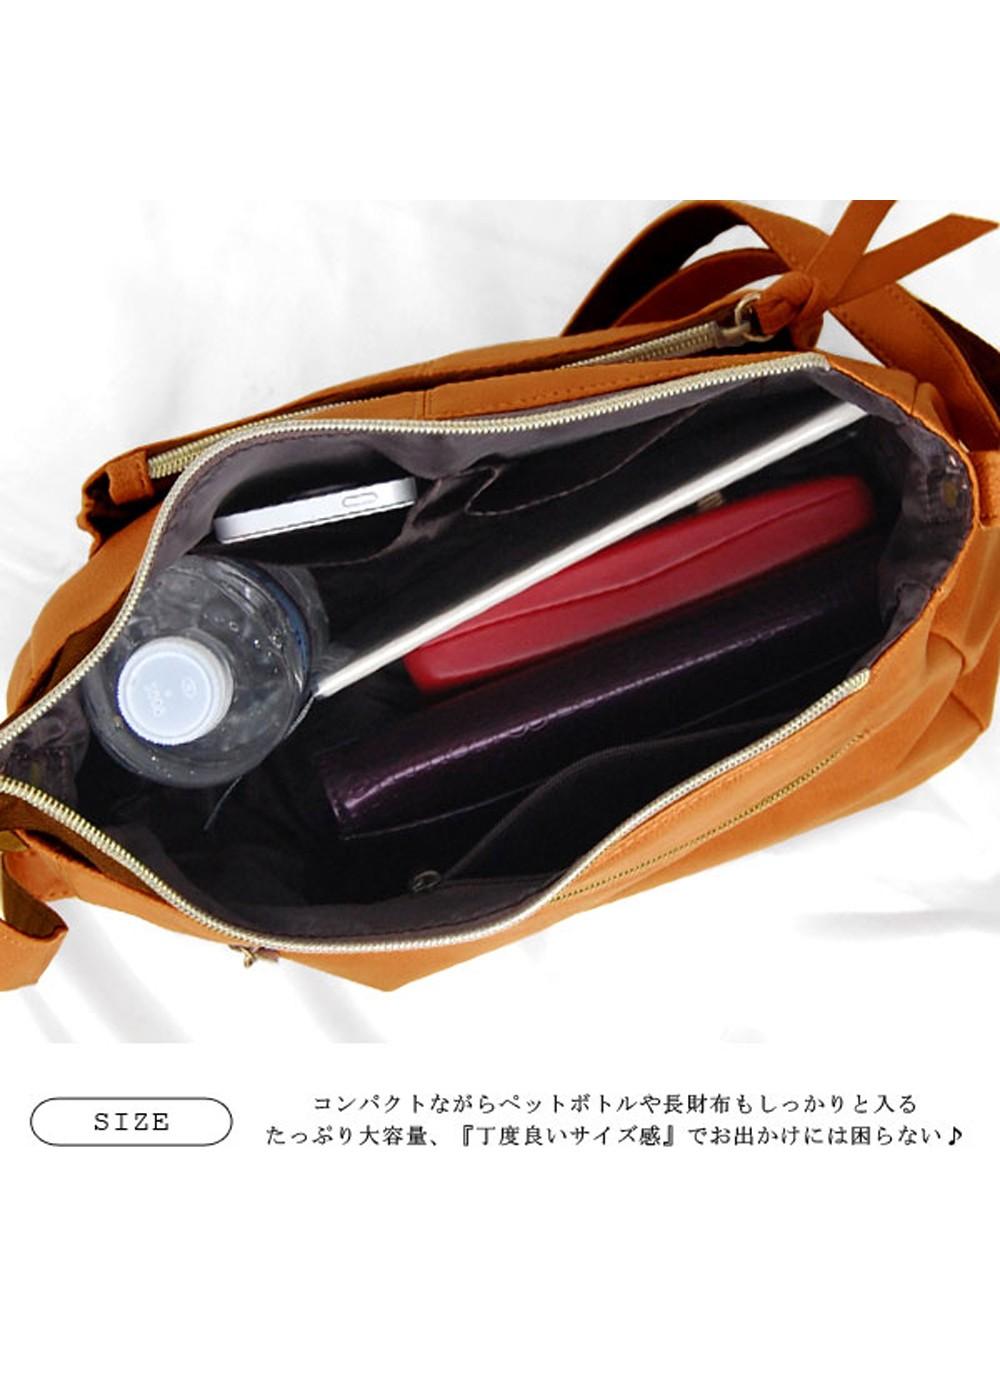 f04b73d103ca 【最大6%OFF】ショルダーバッグ バック レディース 斜めがけ 人気 カバン 鞄 ポシェット ...